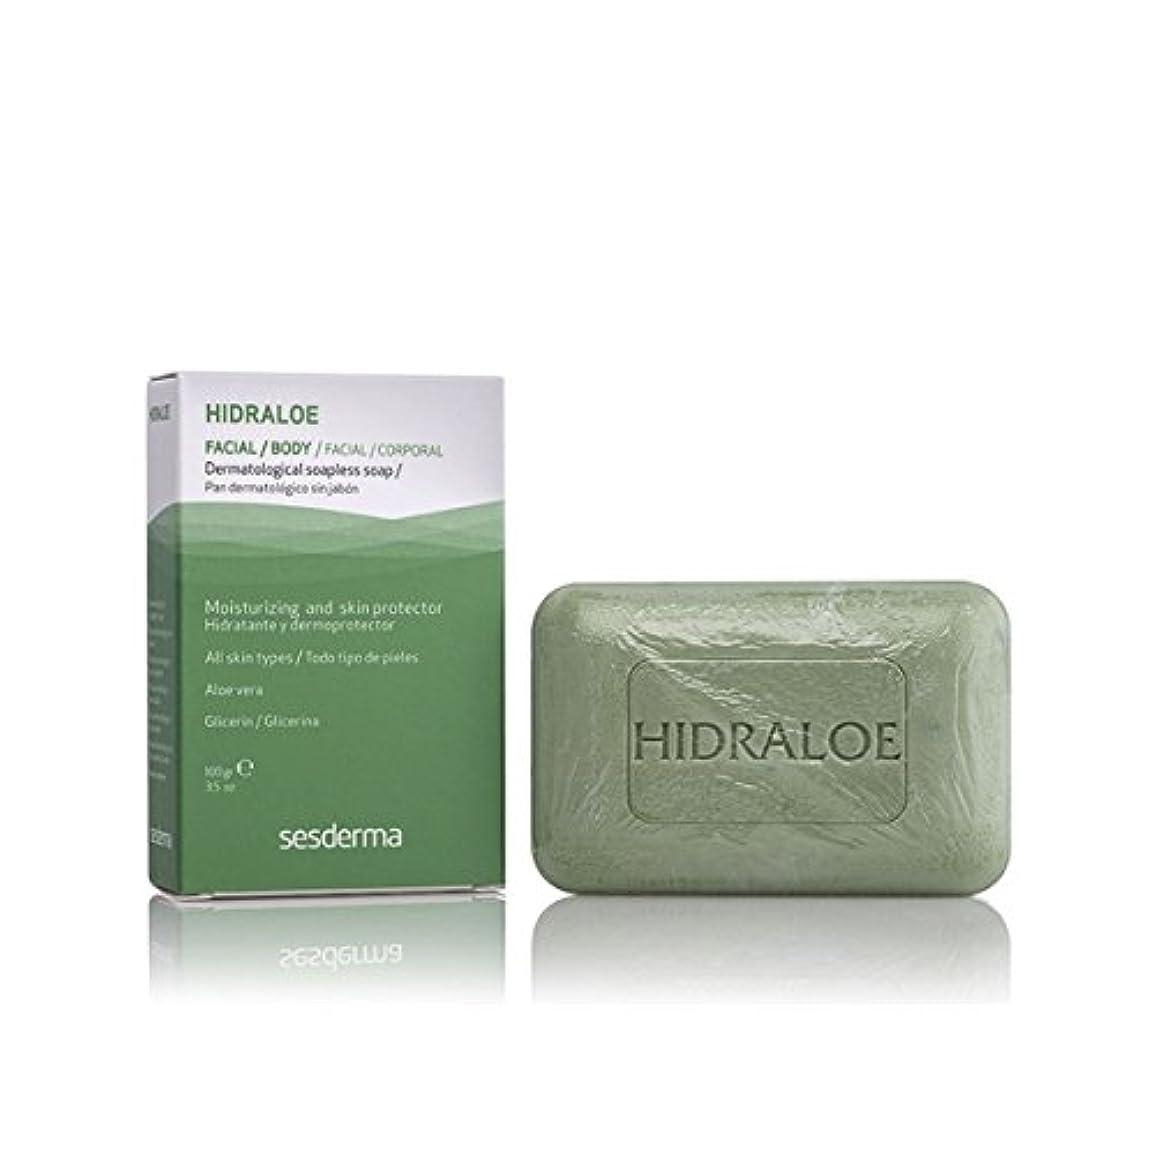 反逆疑問に思うからかうSesderma Hidraloe Dermatological Soapless Soap 100gr [並行輸入品]